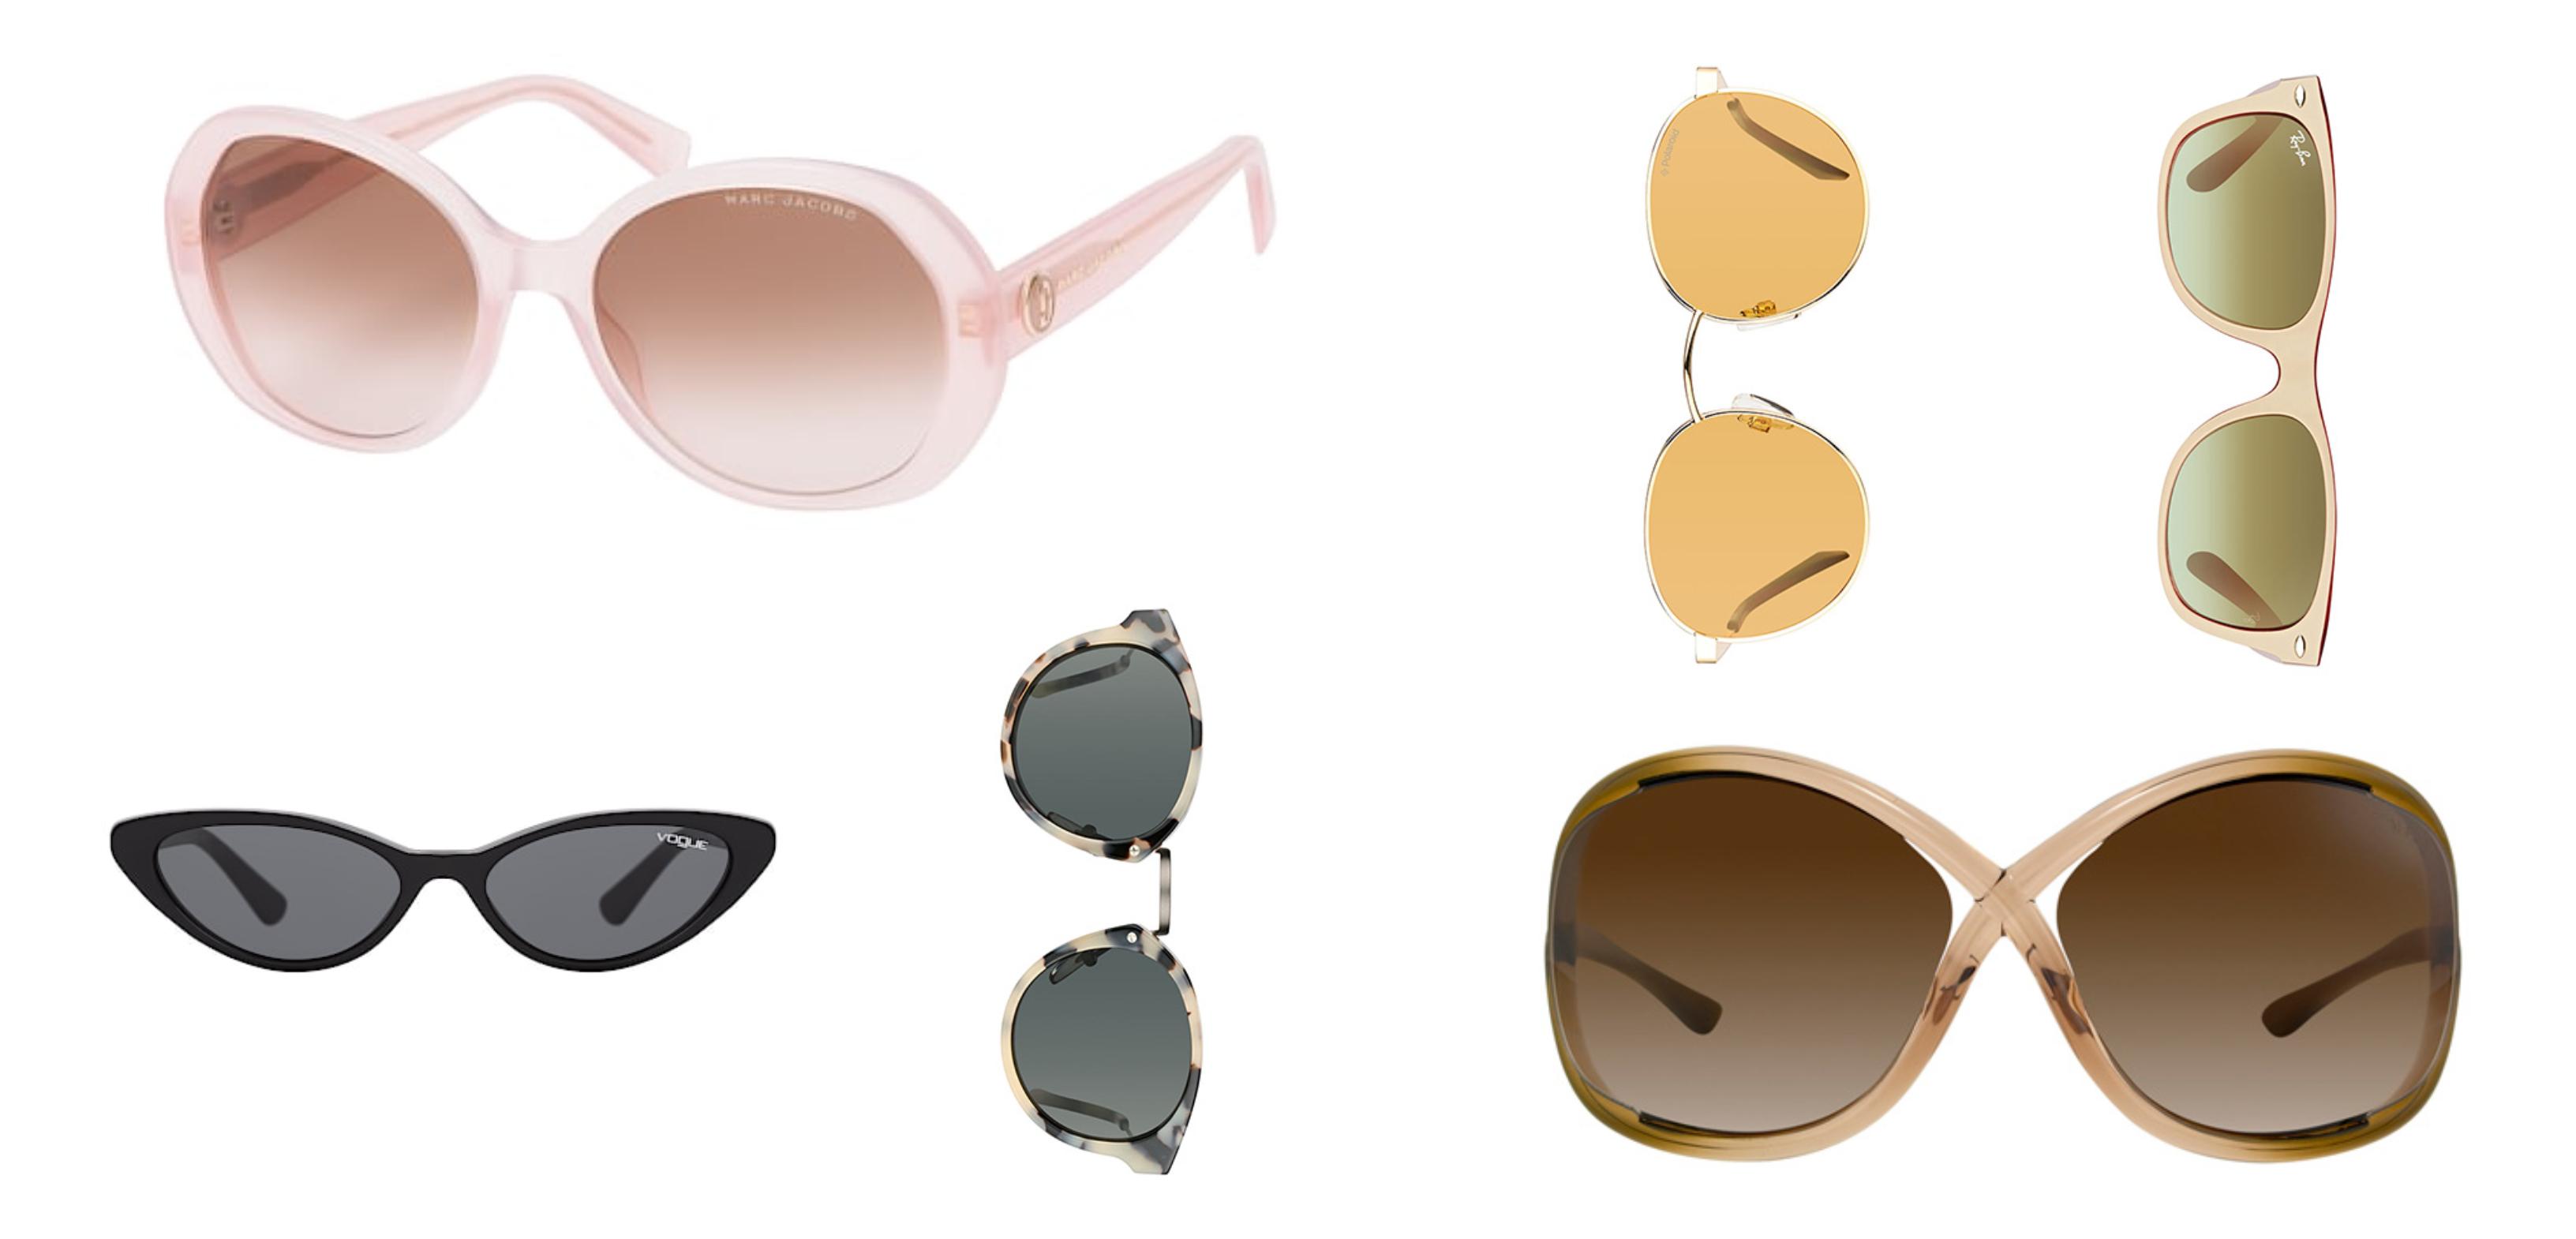 12 x de mooiste zonnebrillen trends 2019